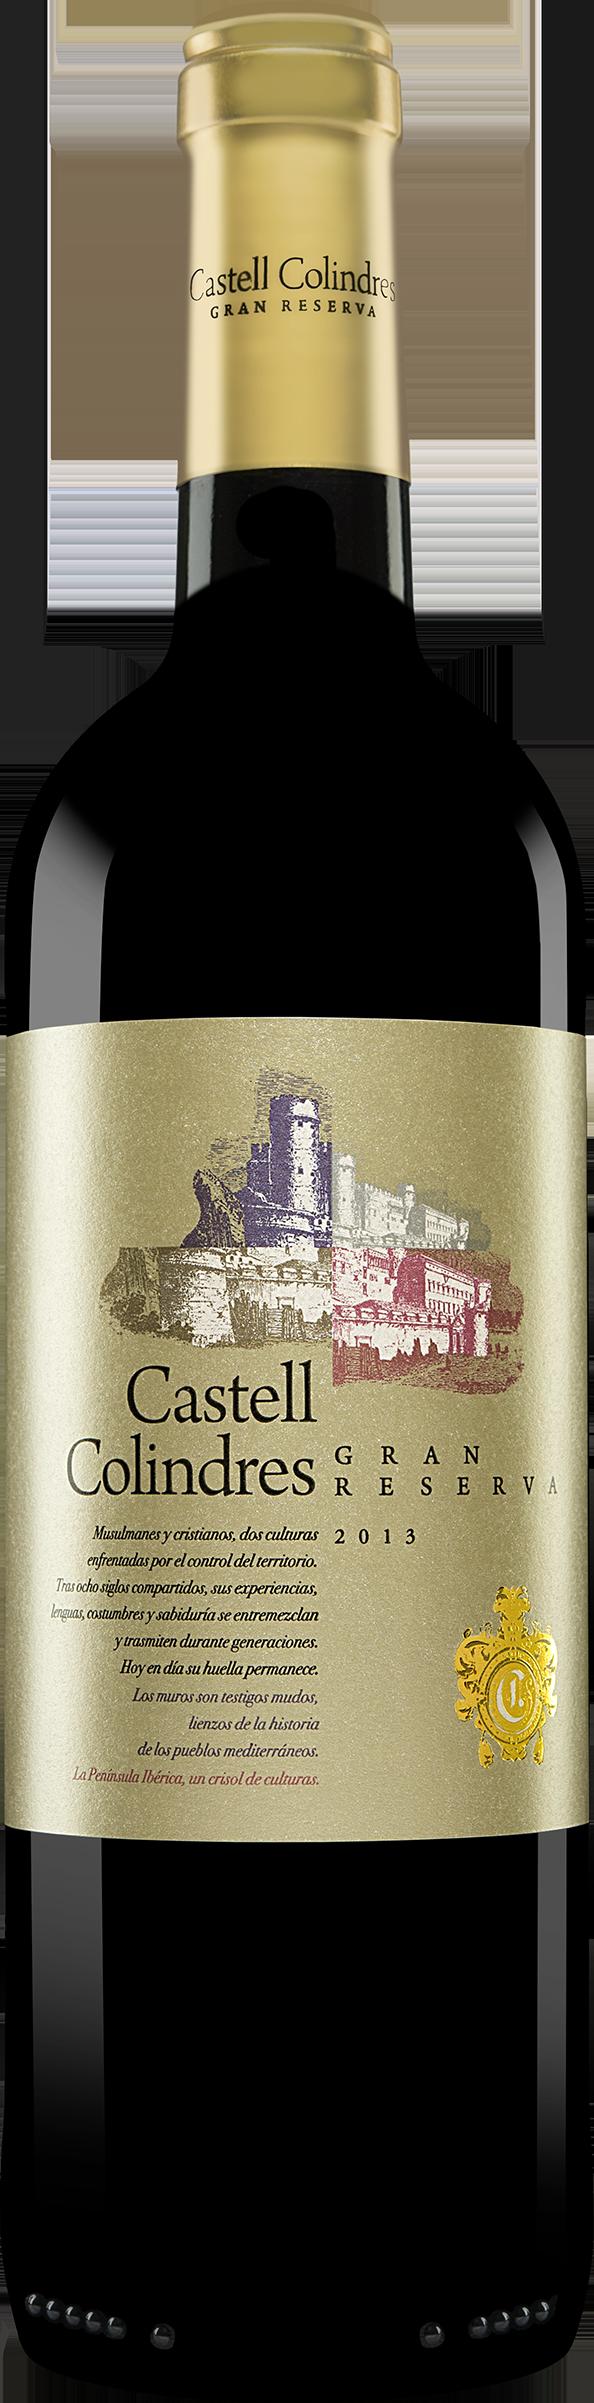 Gold prämiert: Castell Colindres Gran Reserva 2013 nur 4,99 € statt 9,99 €